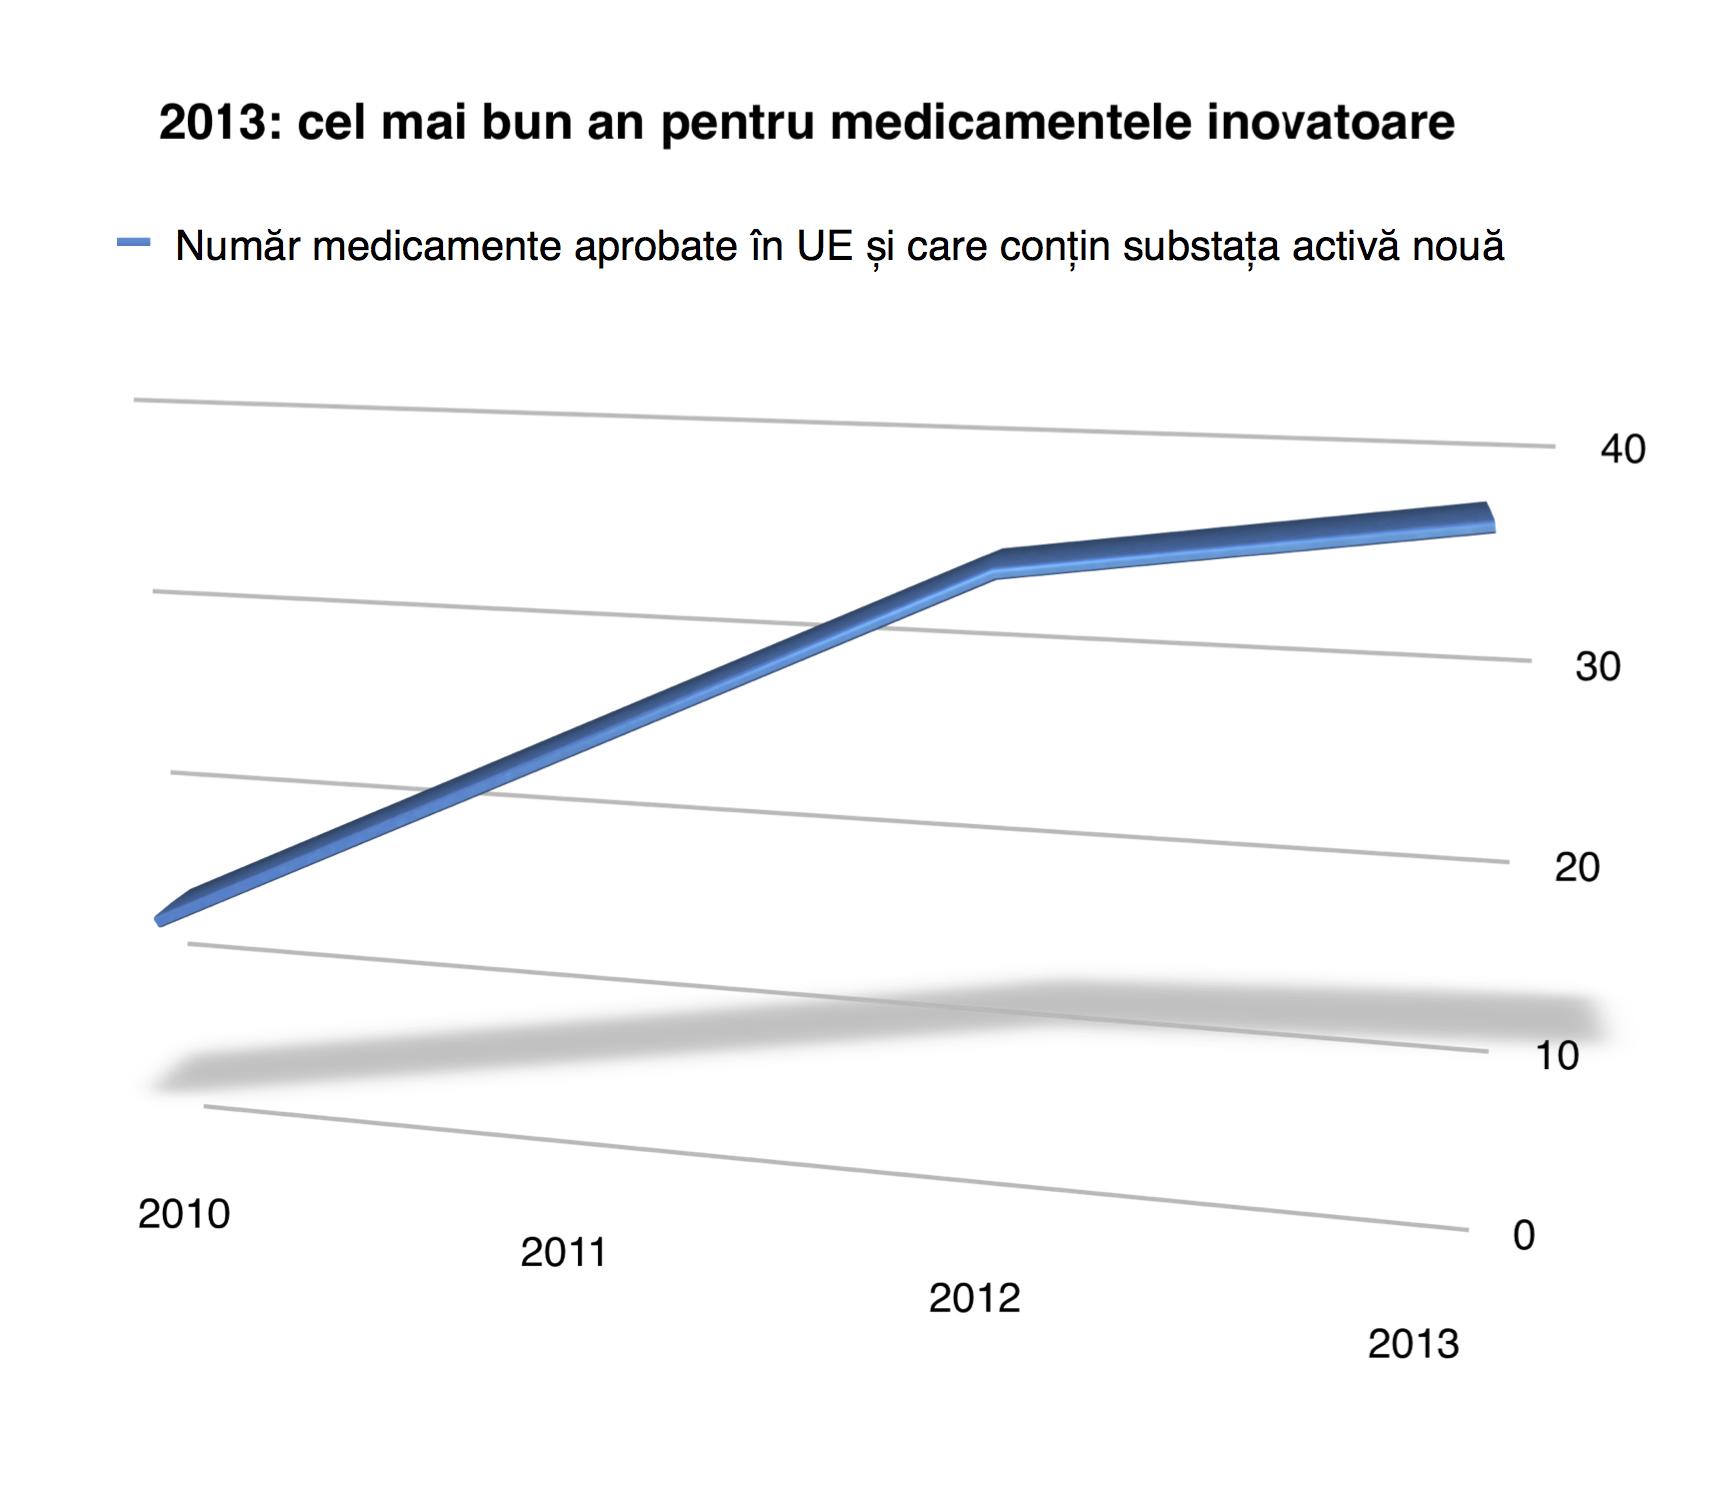 UE medicamente noi 2013 ok